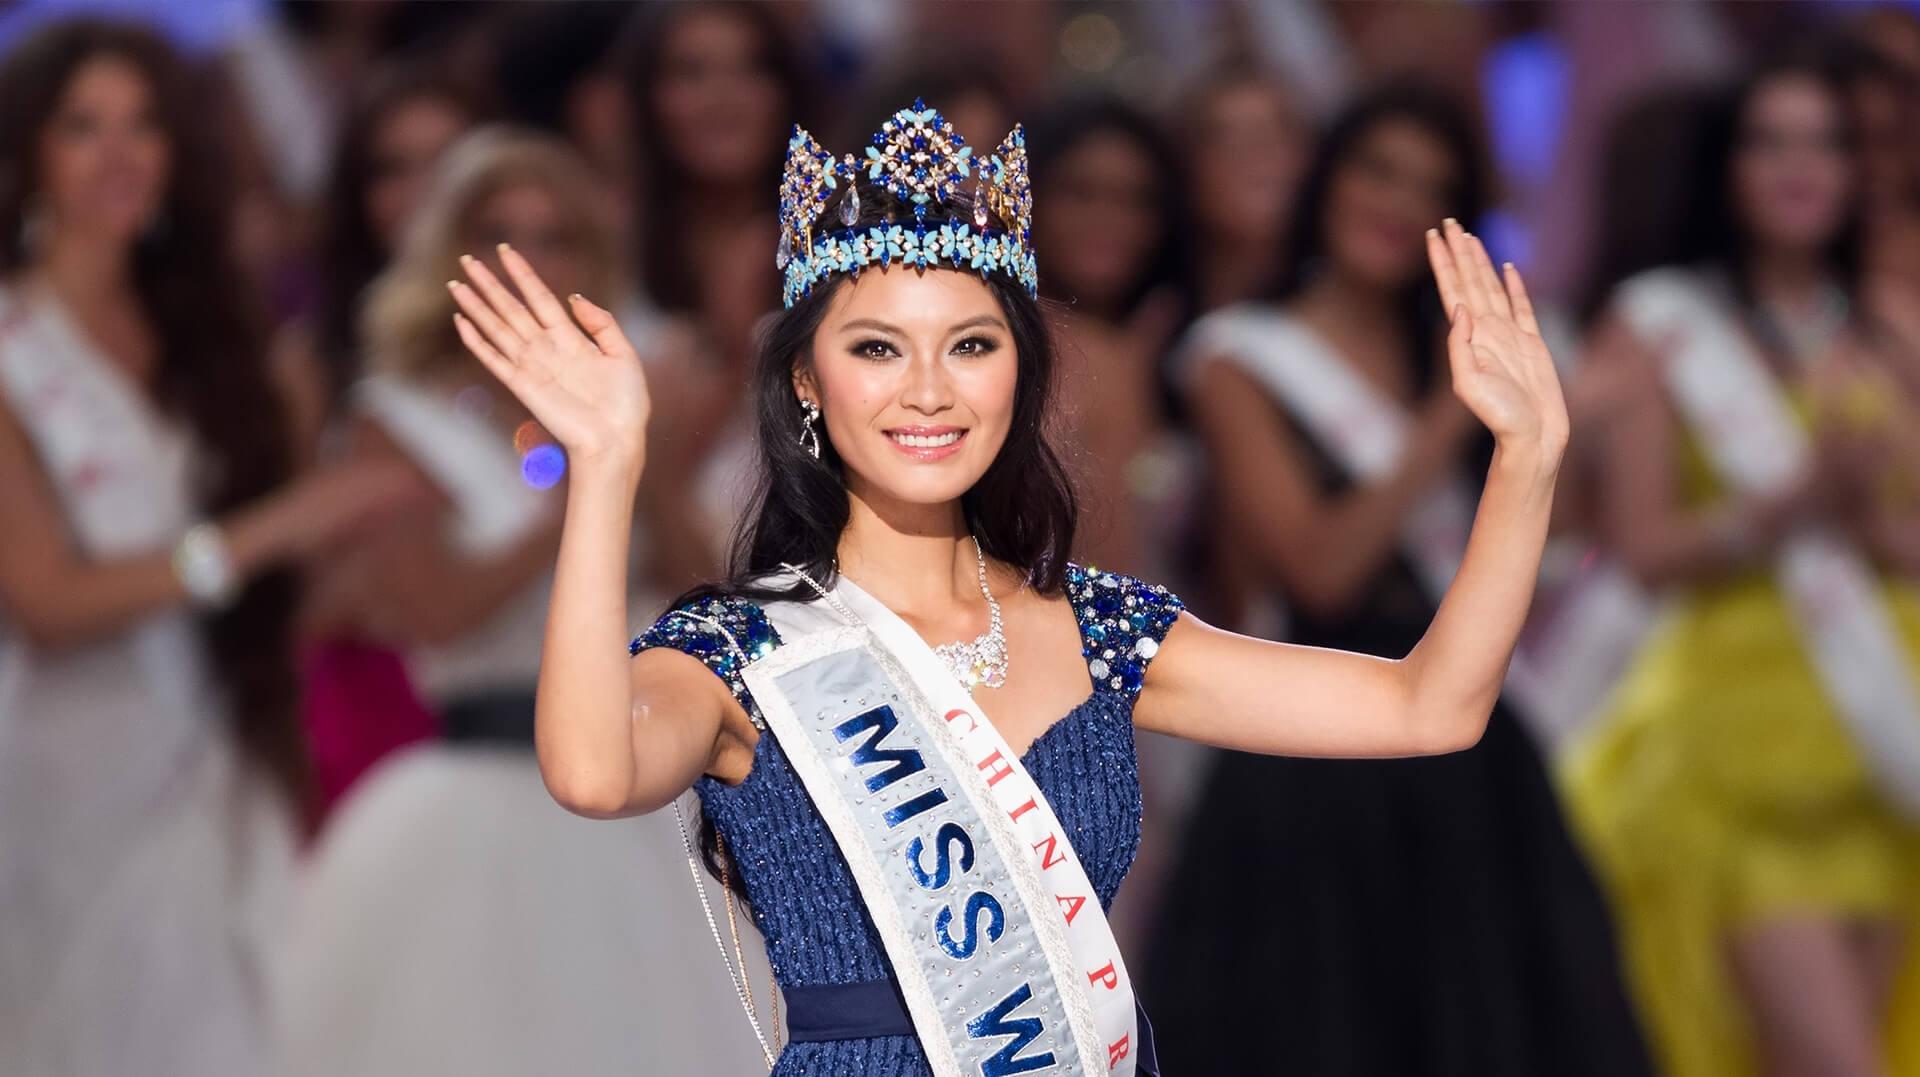 Мис Свят 2012 Вън Сяю